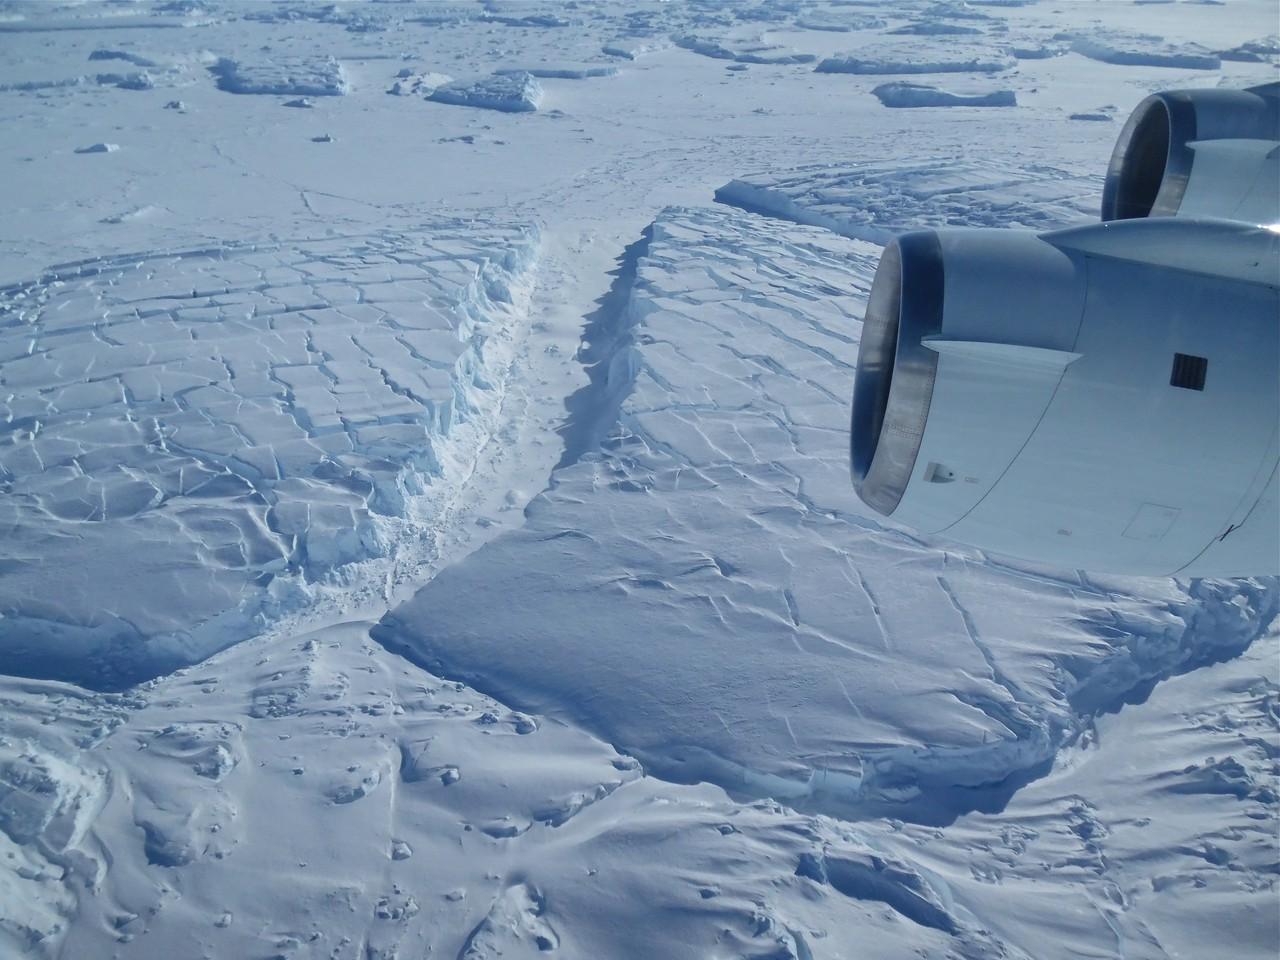 Frozen icebergs near Thwaites Glacier in West Antarctica (Credit: NASA/Jim Yungel)